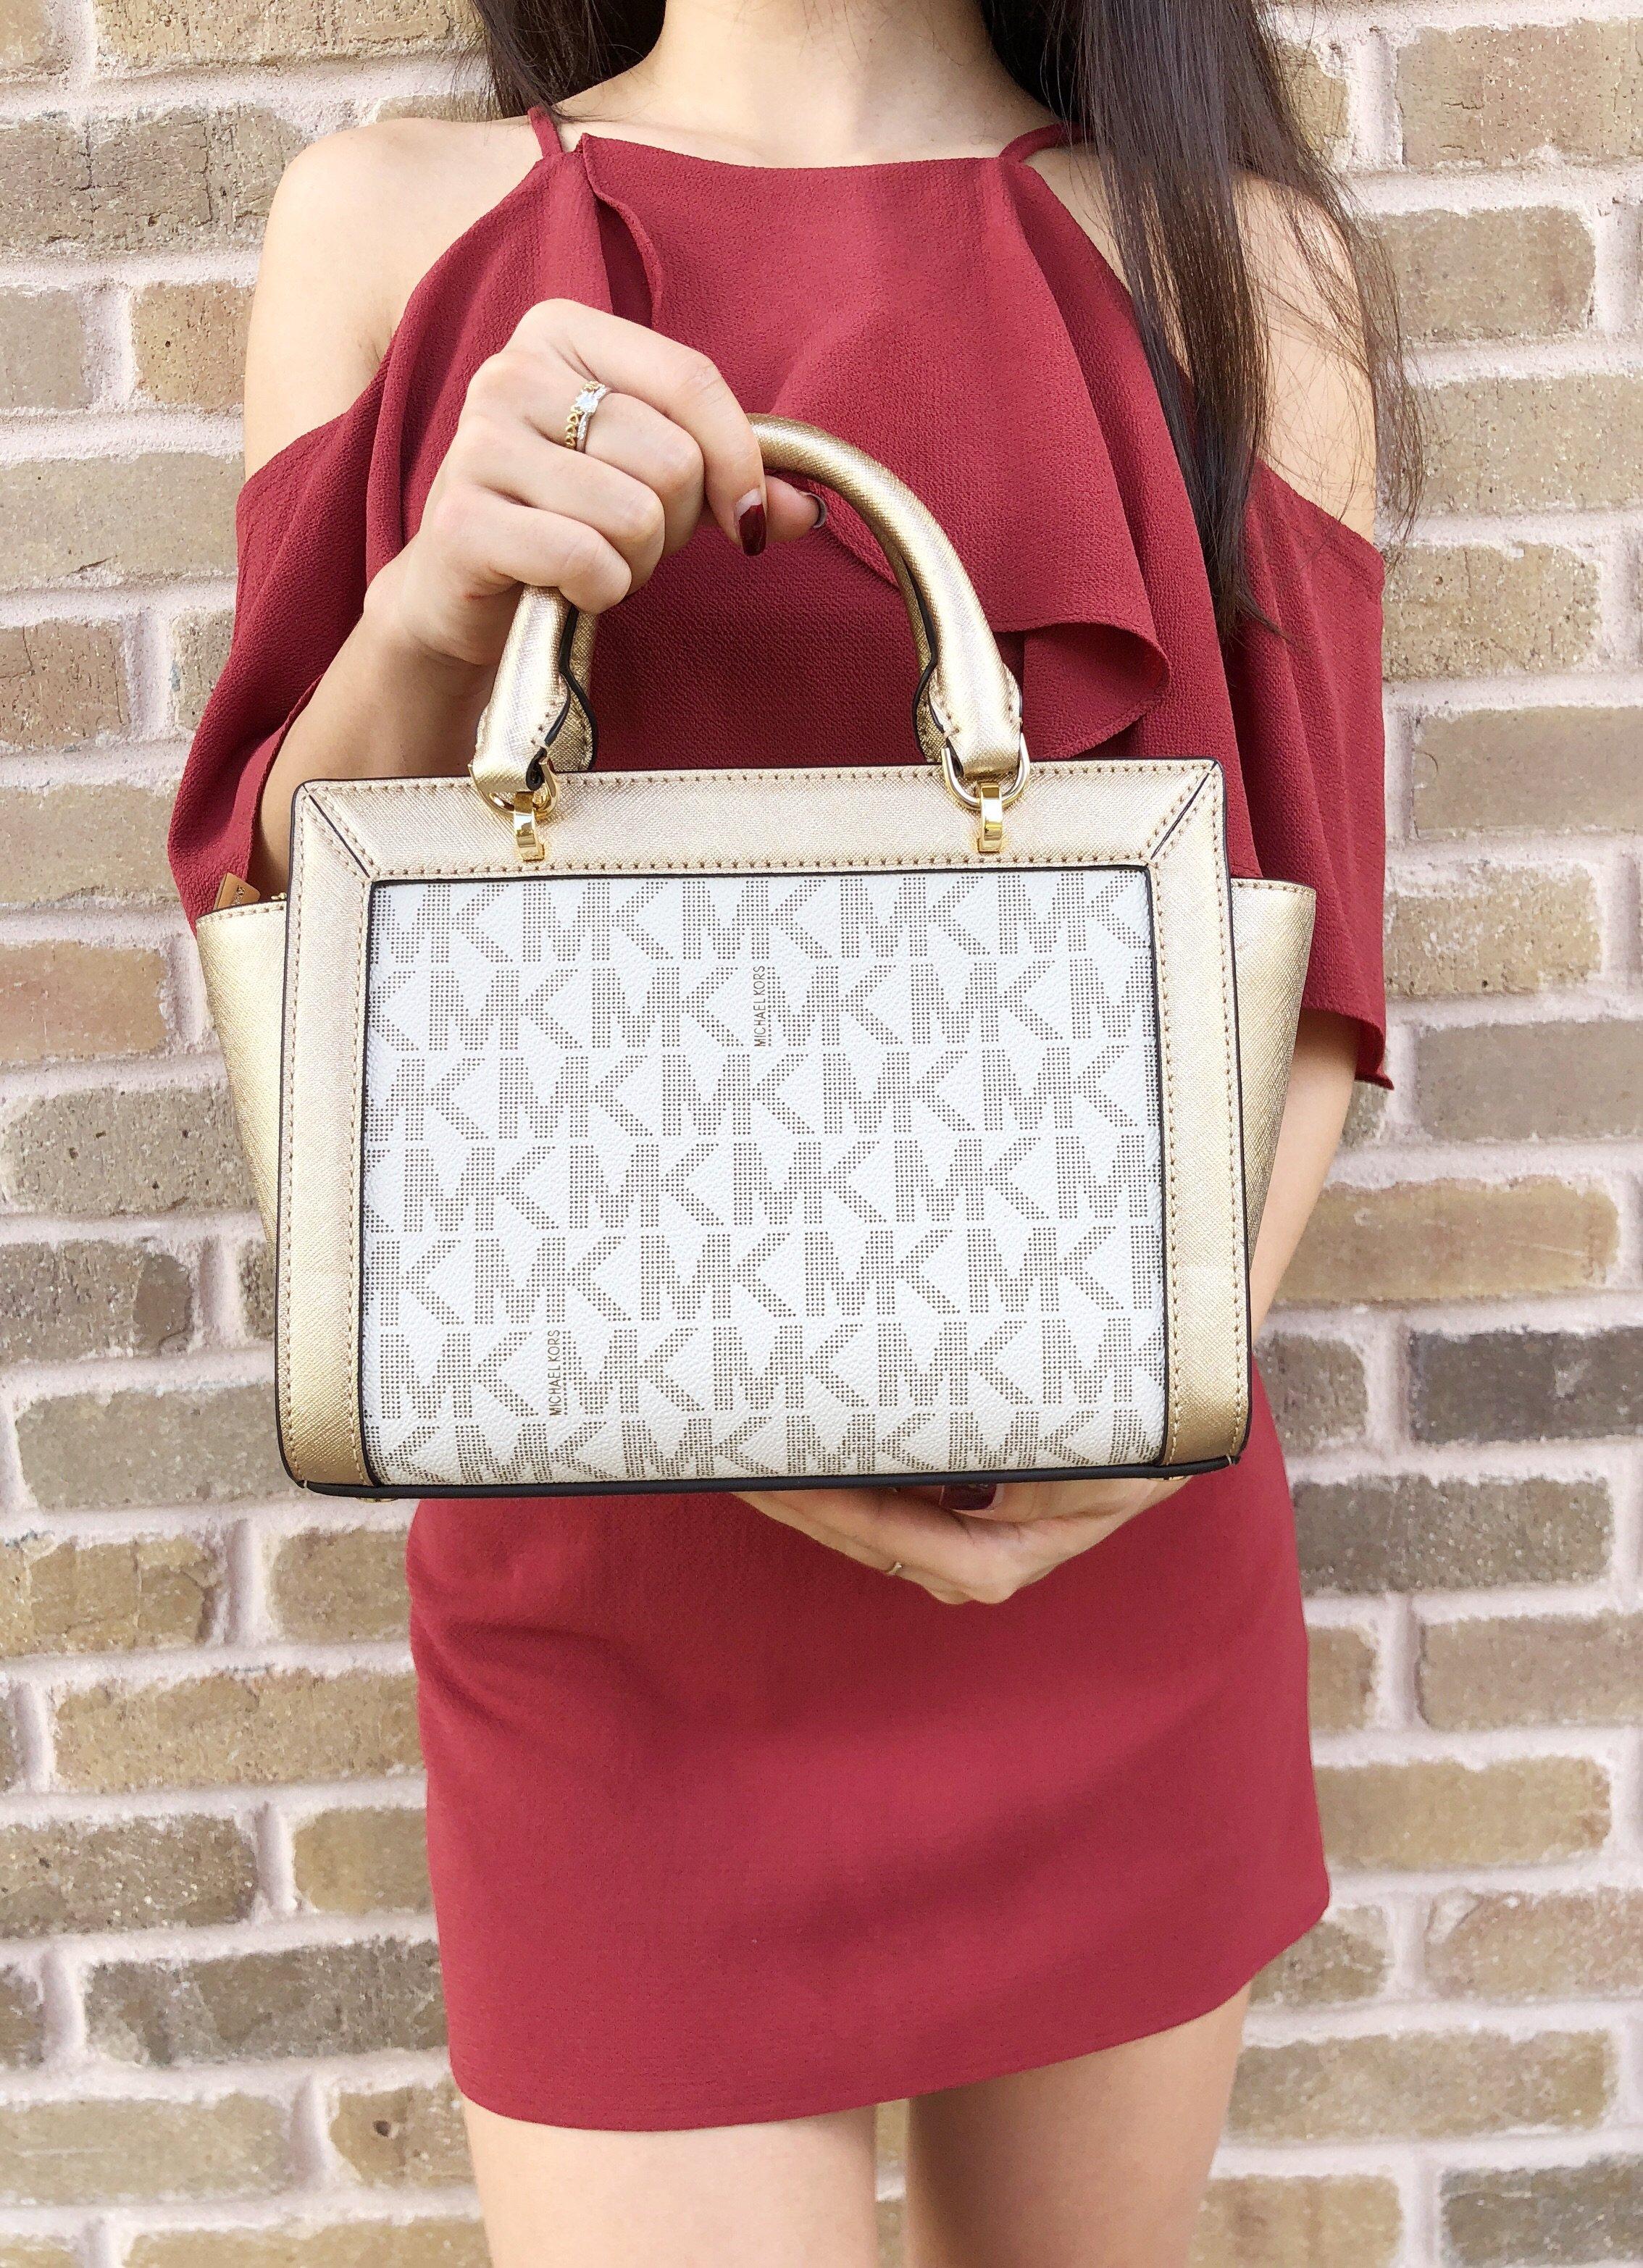 075c79e49a9c Michael Kors - NWT Michael Kors Tina Small Top Zip Satchel Handbag  Crossbody Vanilla MK Gold - Walmart.com